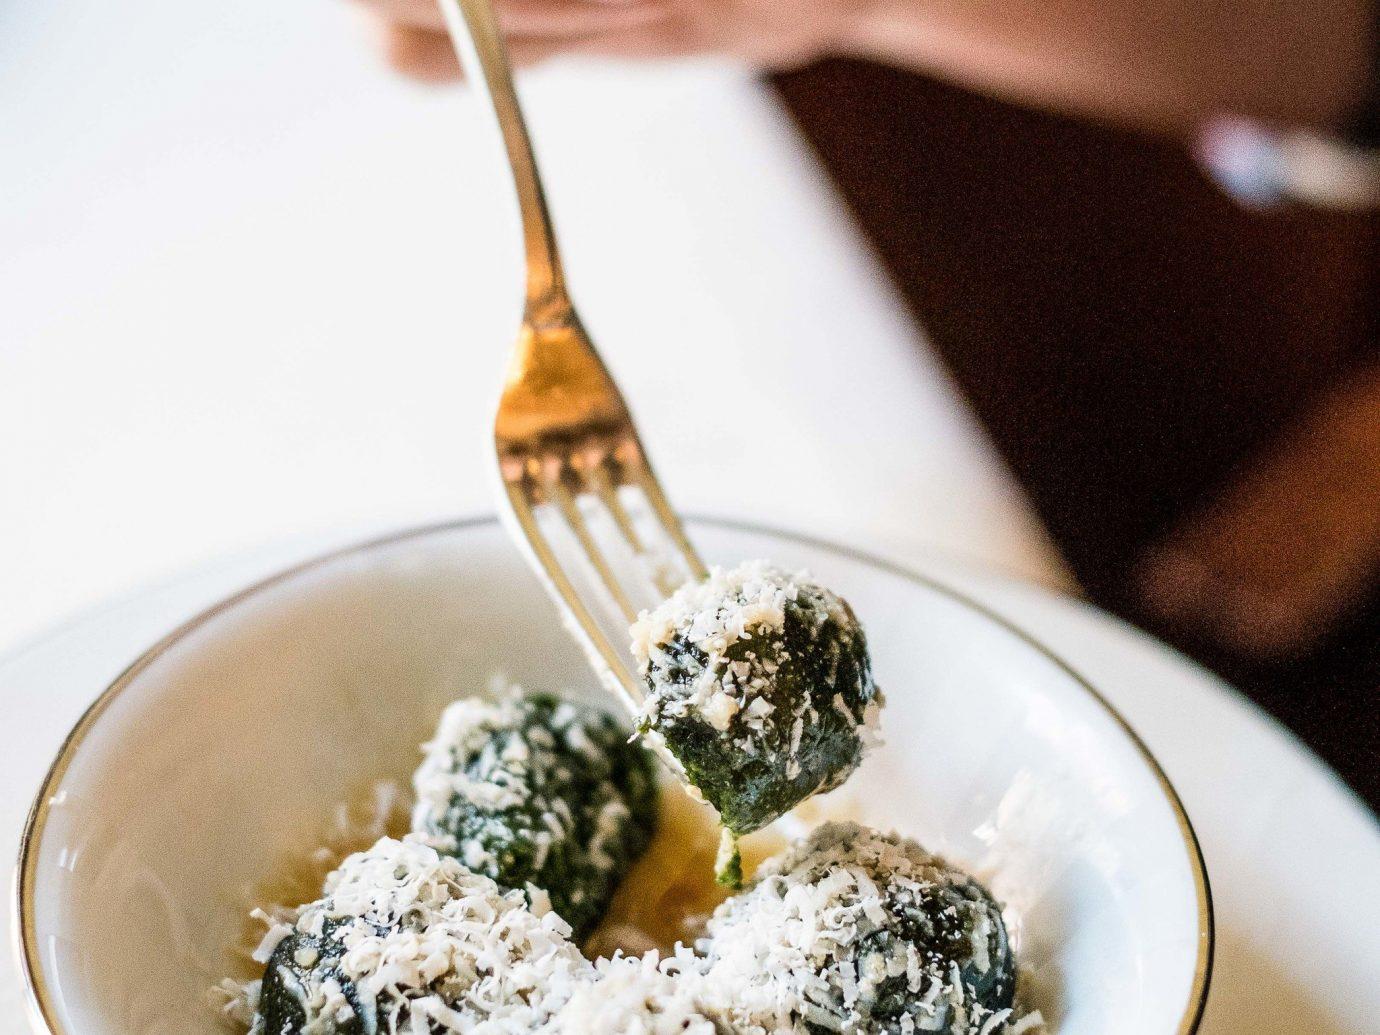 Food + Drink Phildelphia plate table food dish cuisine vegetarian food meal leaf vegetable dessert recipe